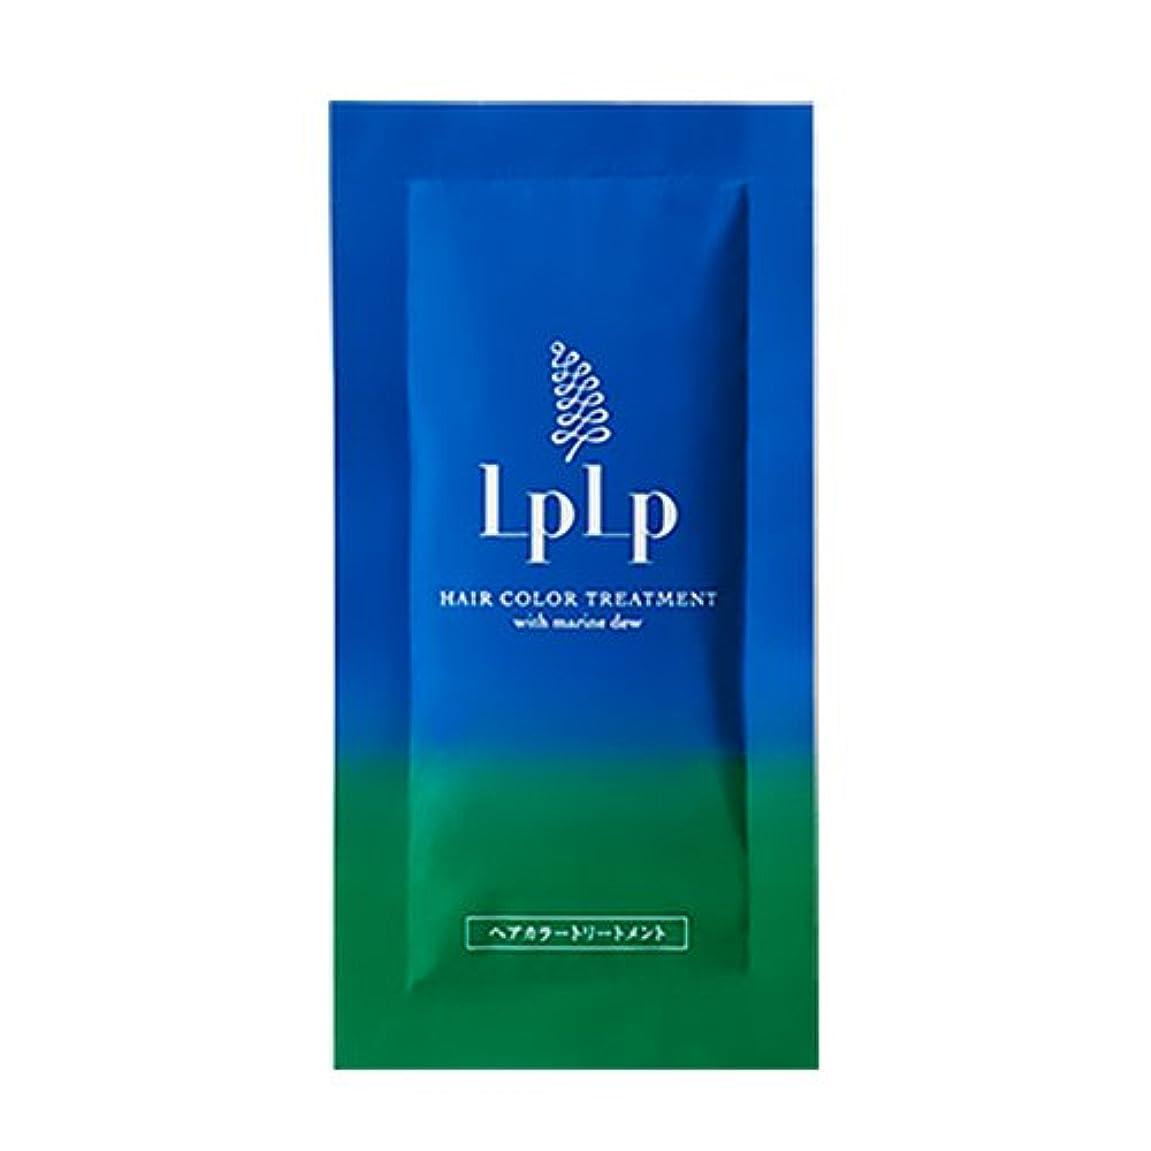 半球裁定文句を言うLPLP(ルプルプ)ヘアカラートリートメントお試しパウチ ソフトブラック